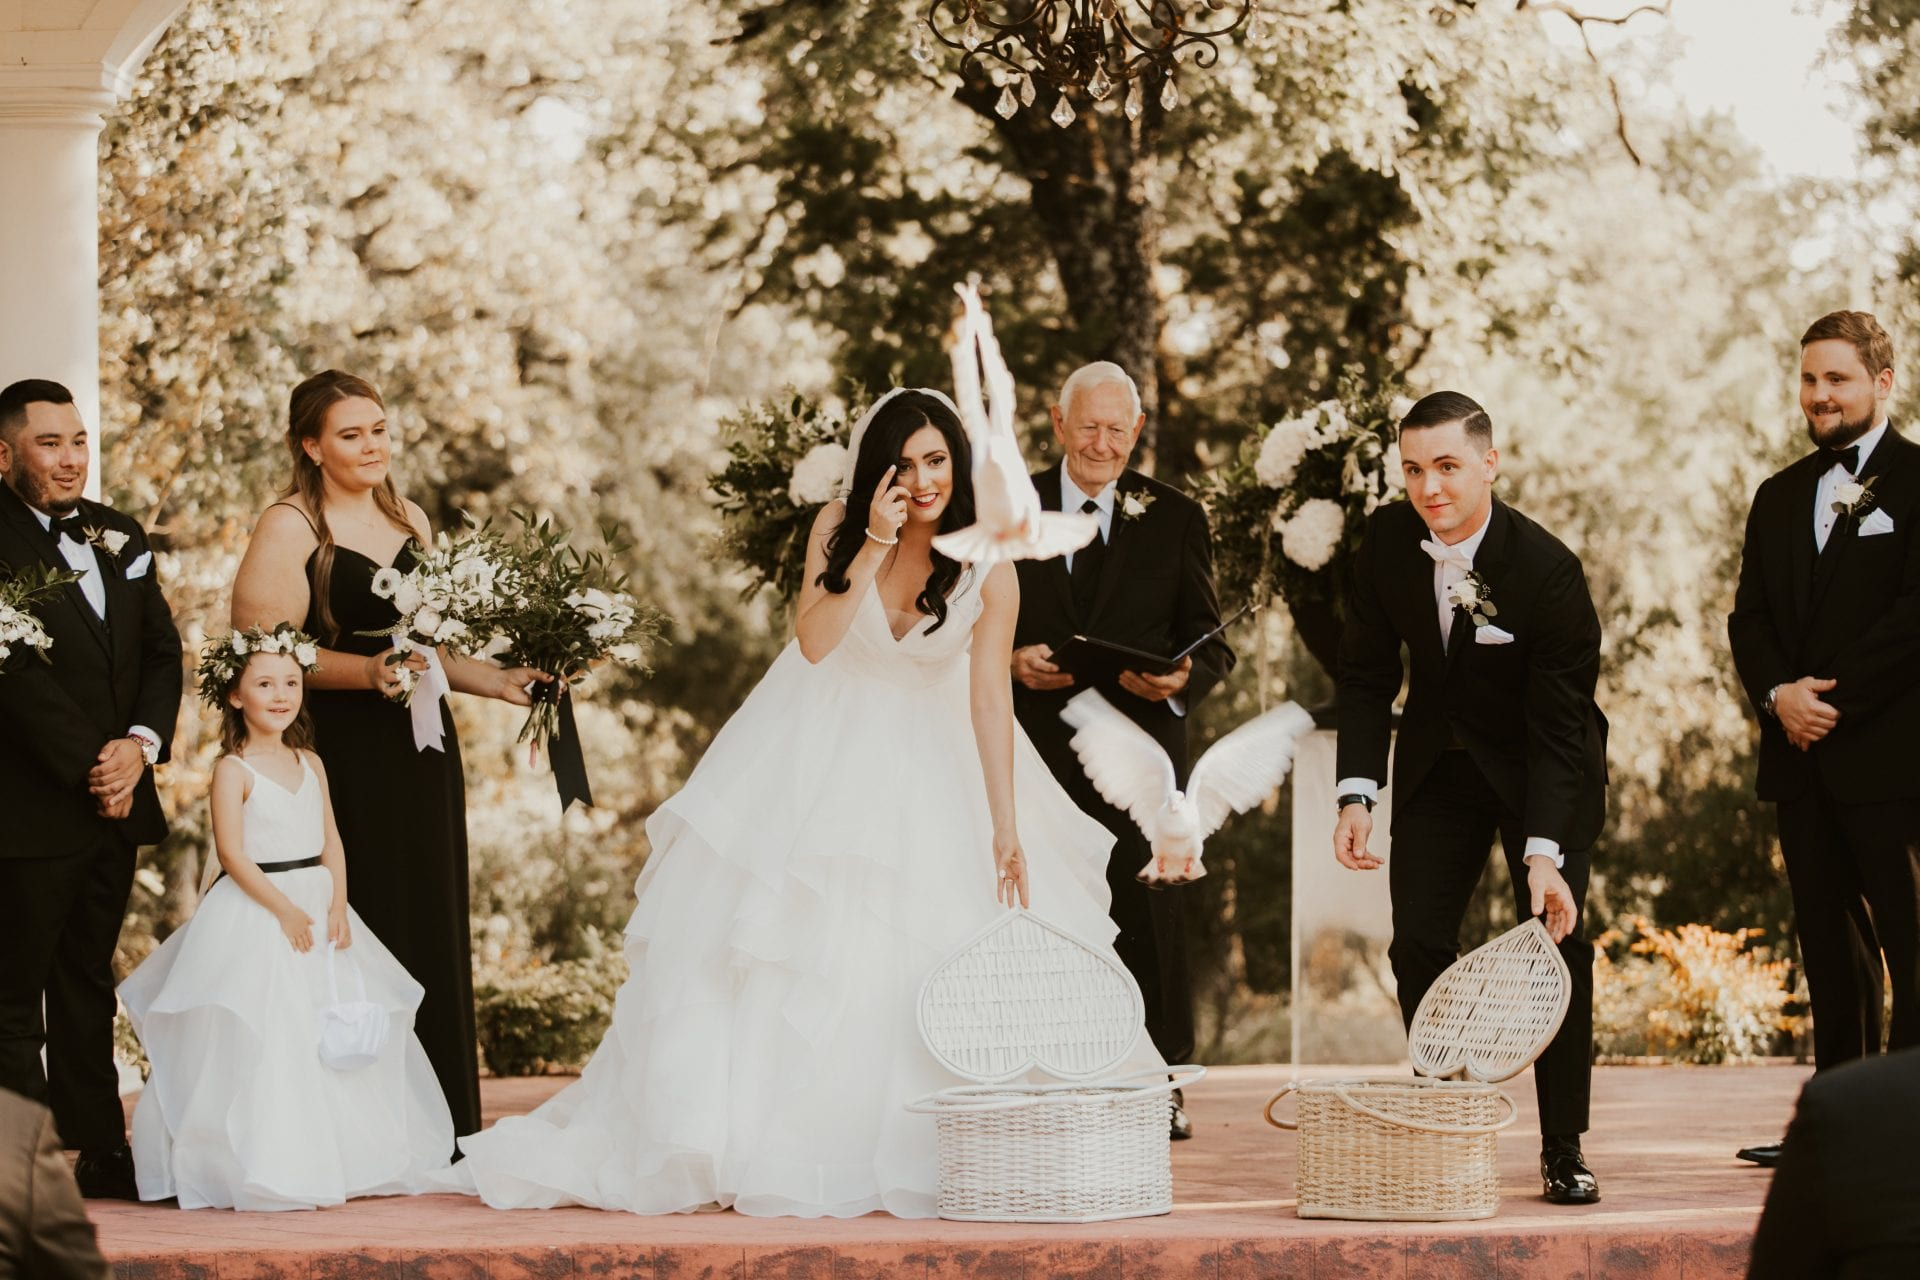 tsphoto cabell wedding 218 - Premier W.E.D.